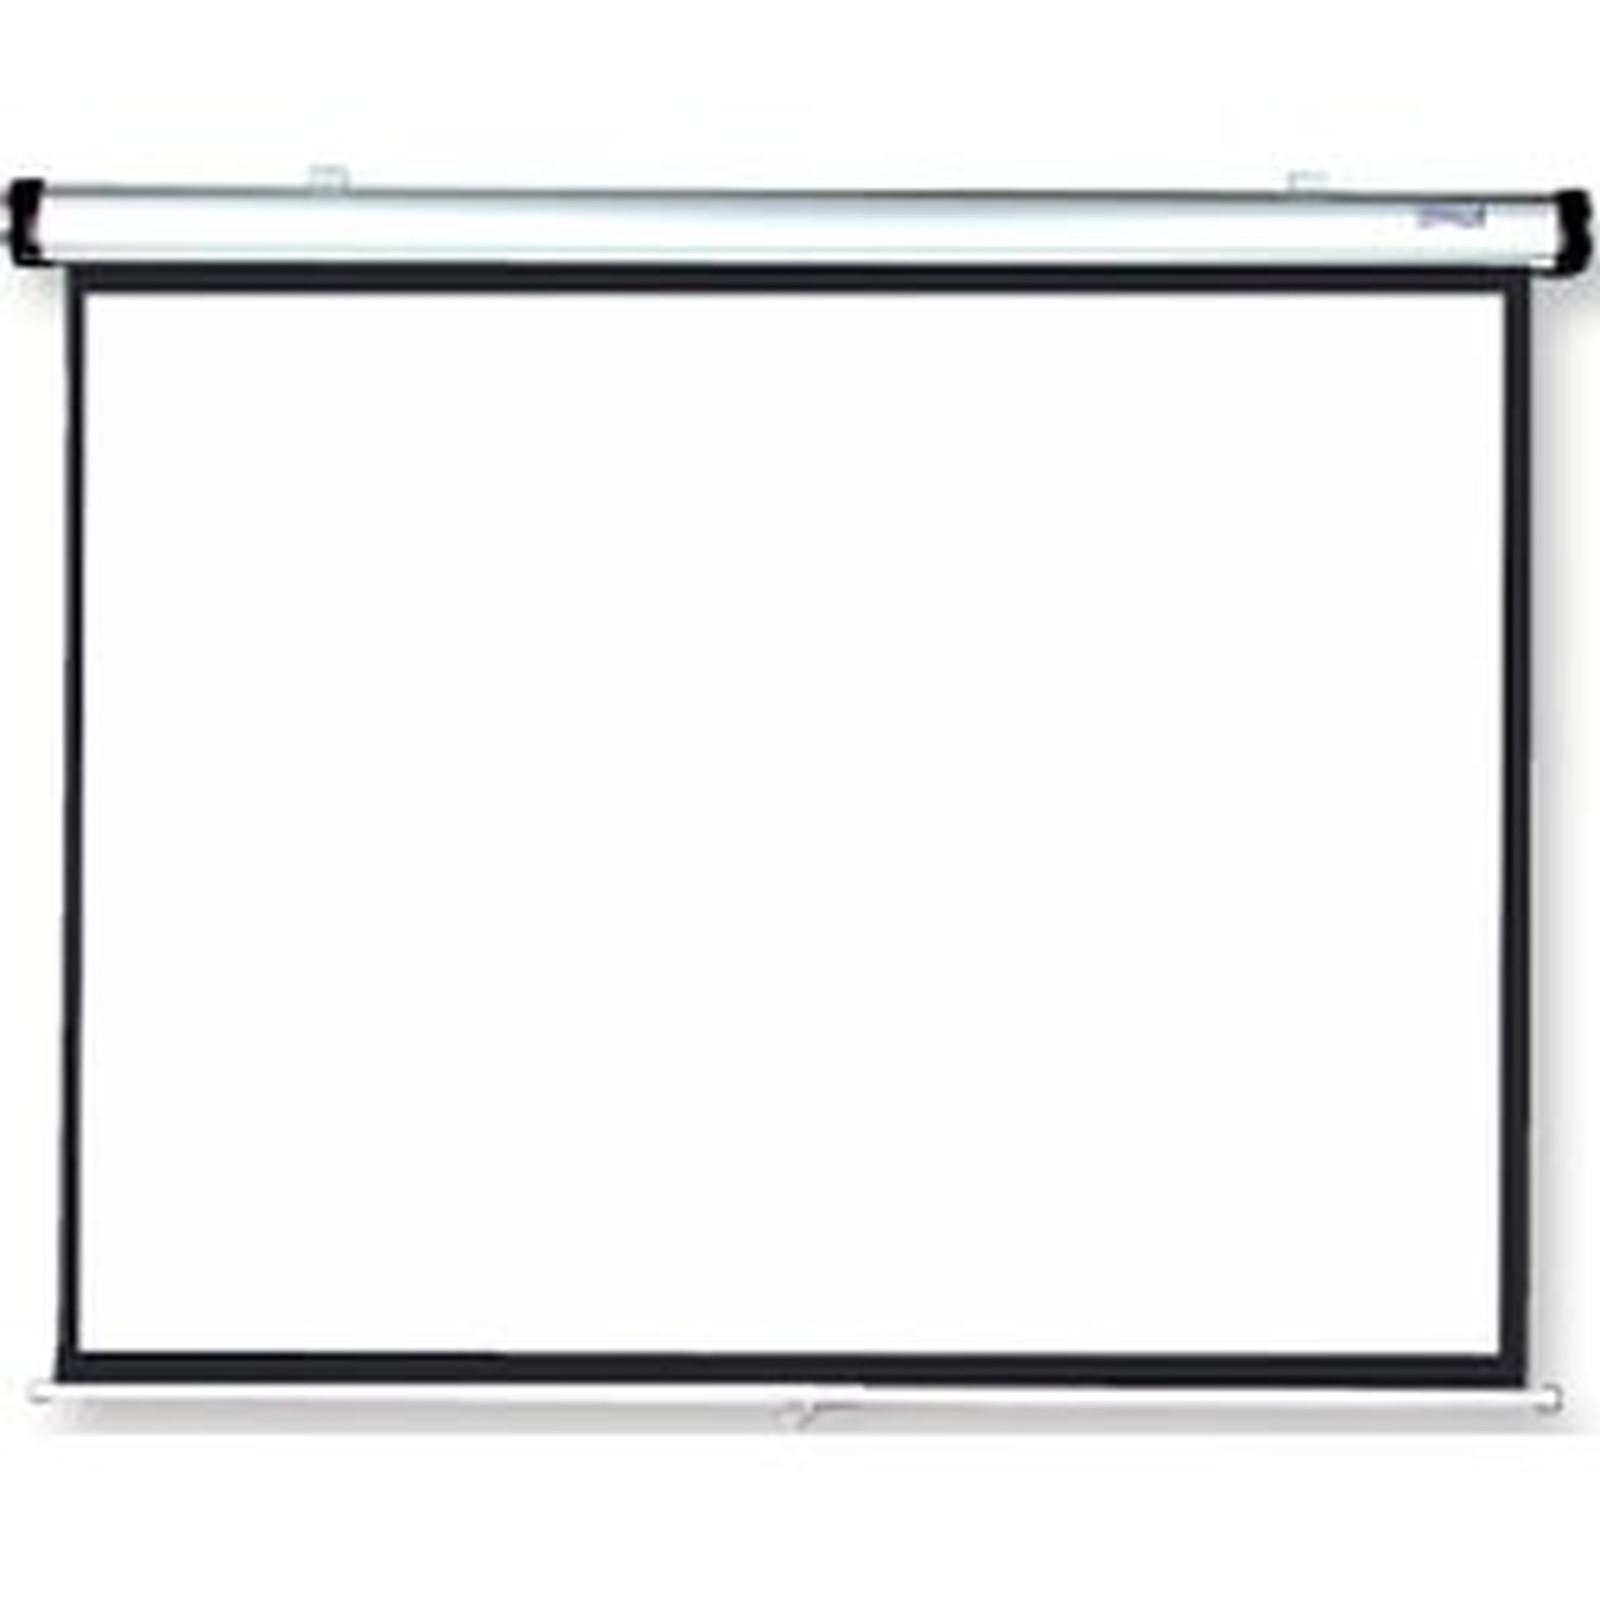 Procolor CARTER-SCREEN Classic - Ecran manuel - Format 16:9 - 198x180 cm